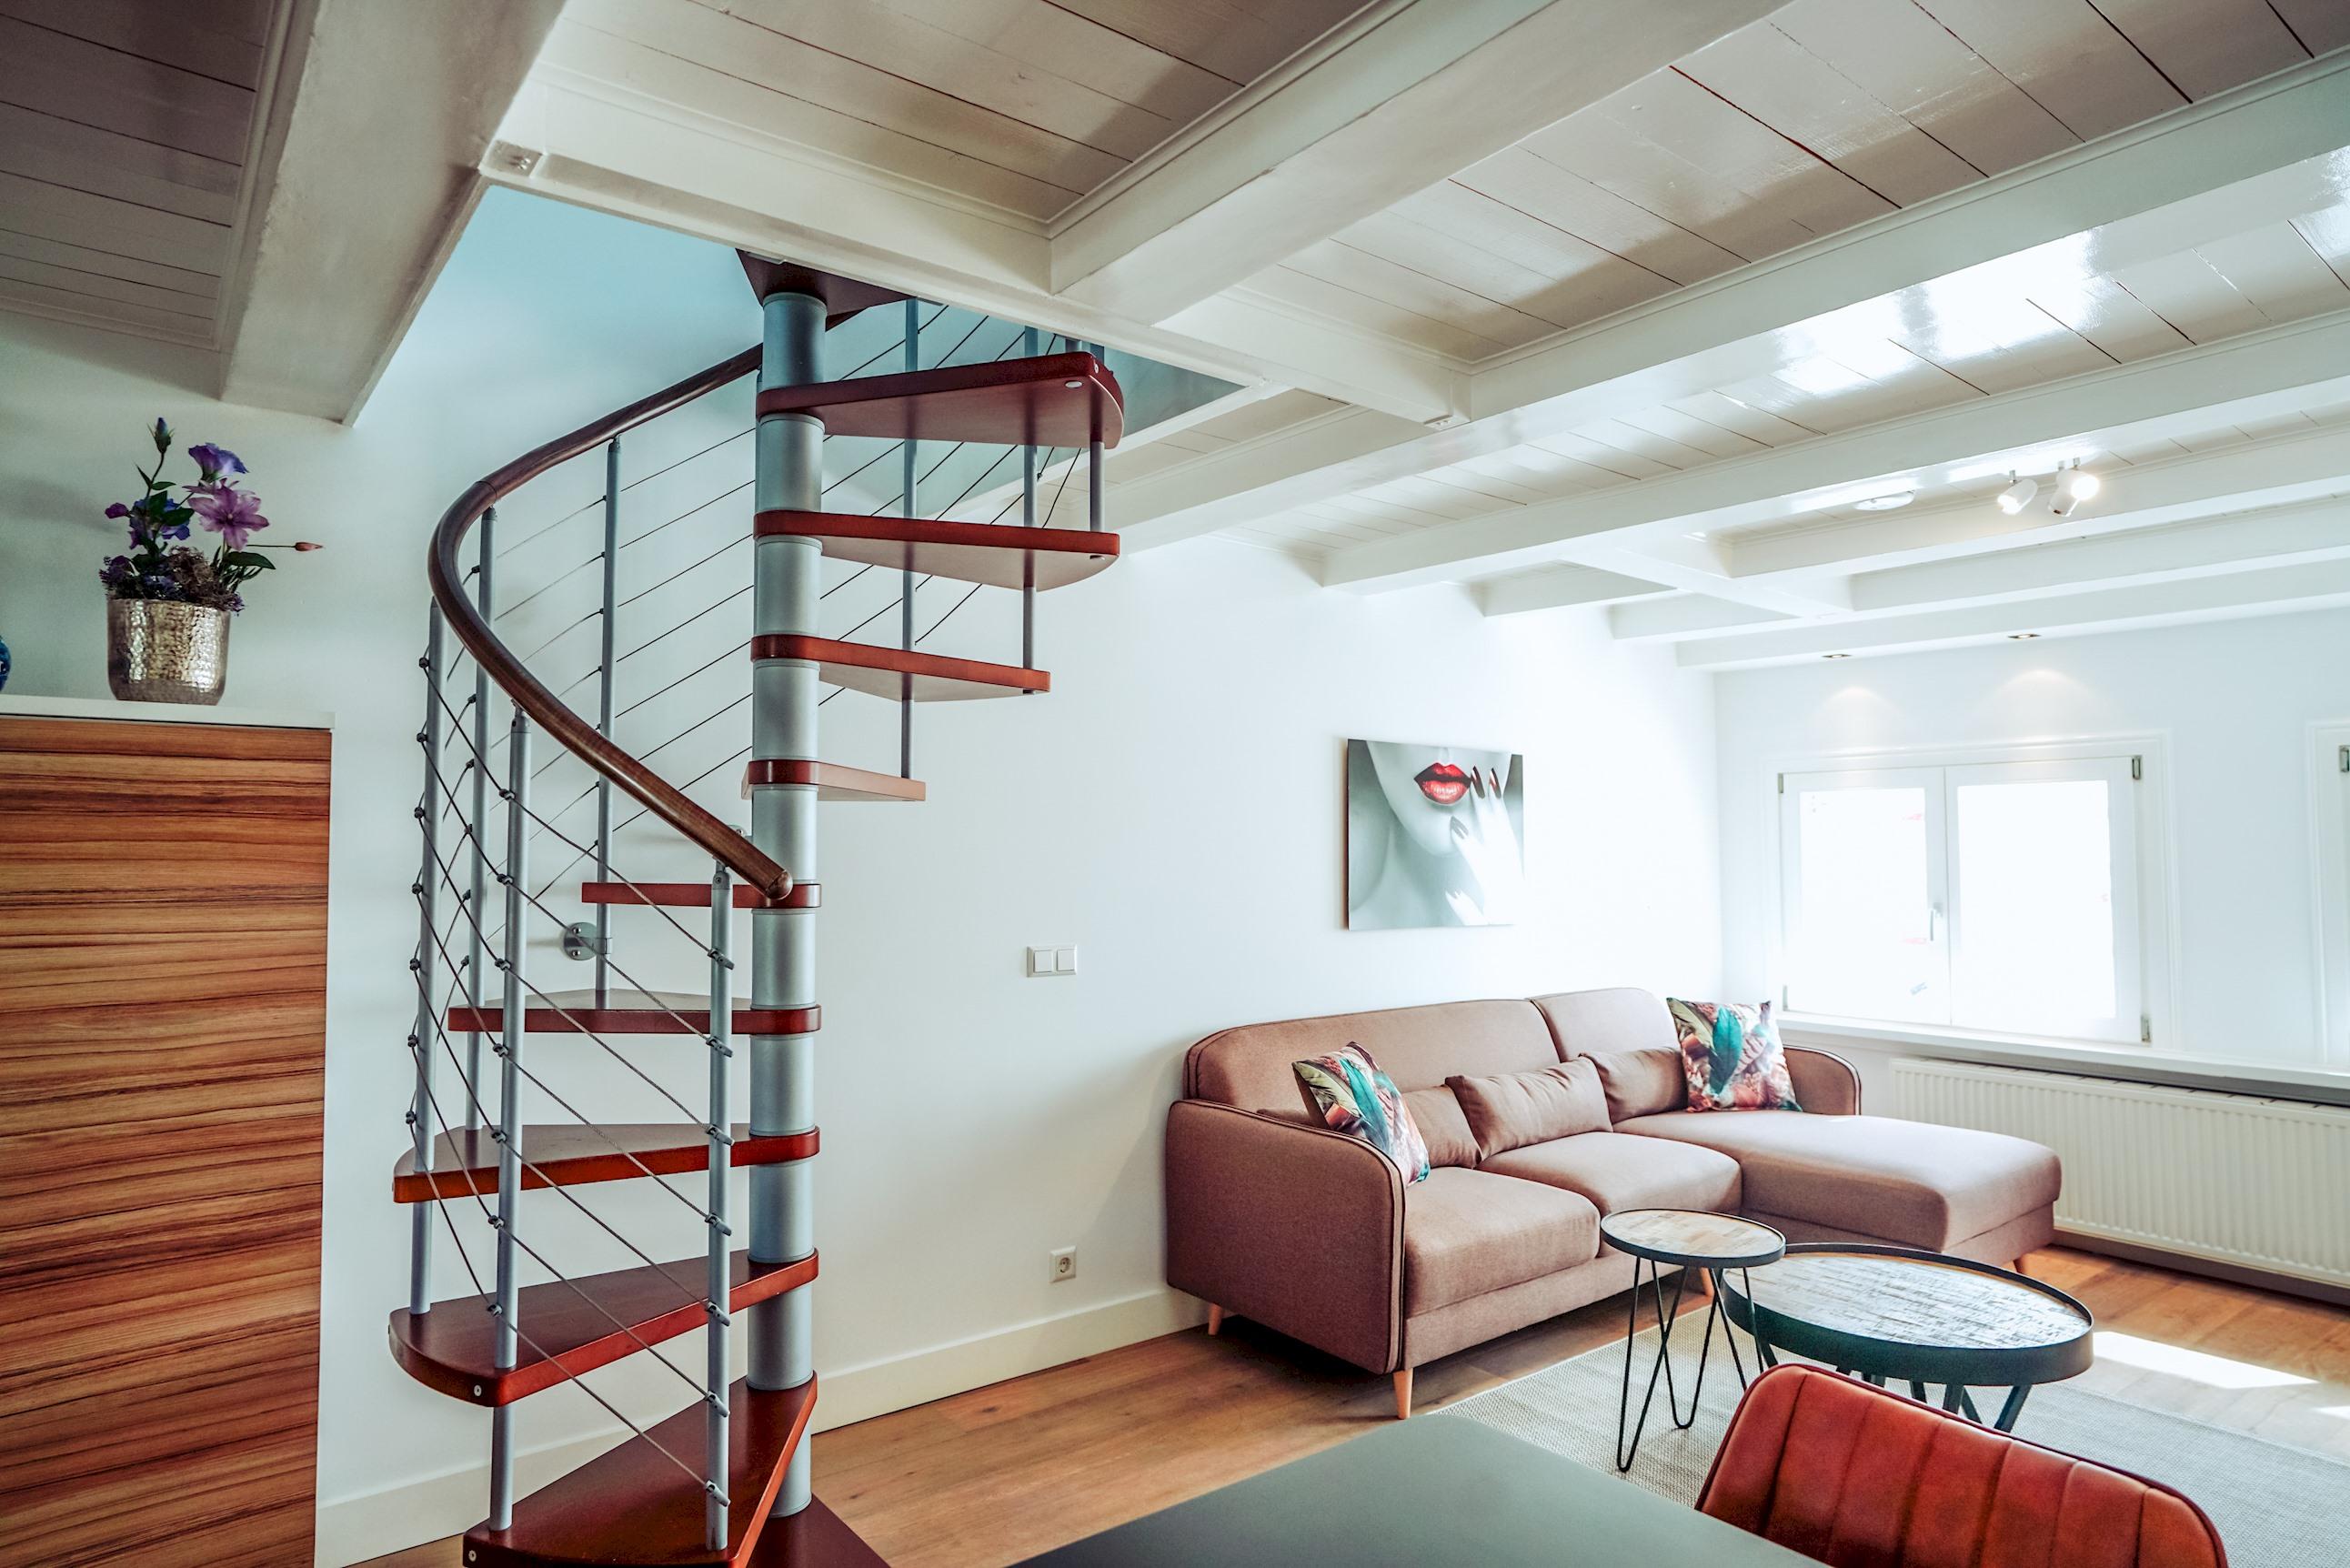 Apartment Amsterdam Apartments Leidsesquare Second Floor Duplex photo 19910404